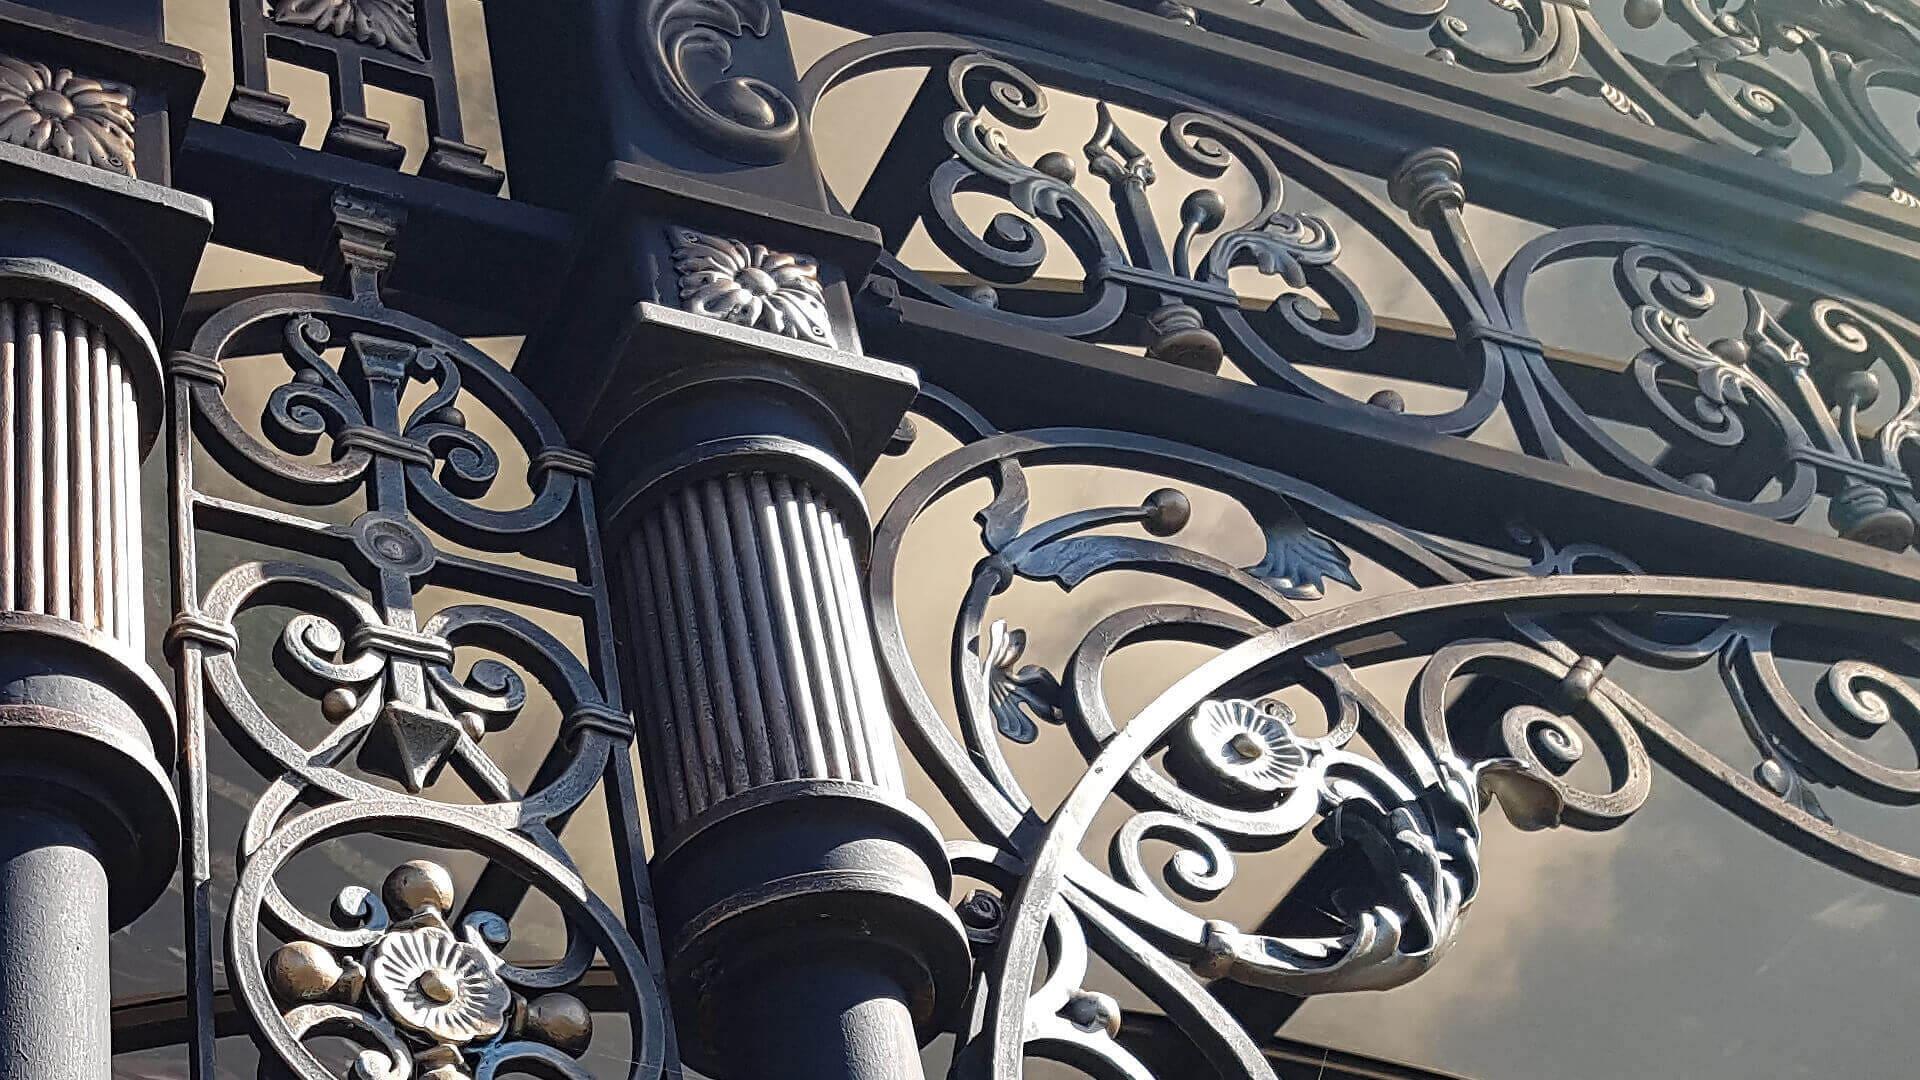 Художня ковка Київ. Замовити ковані ворота сходи, майстерня. Компанія з виробництва кованих виробів в Києві